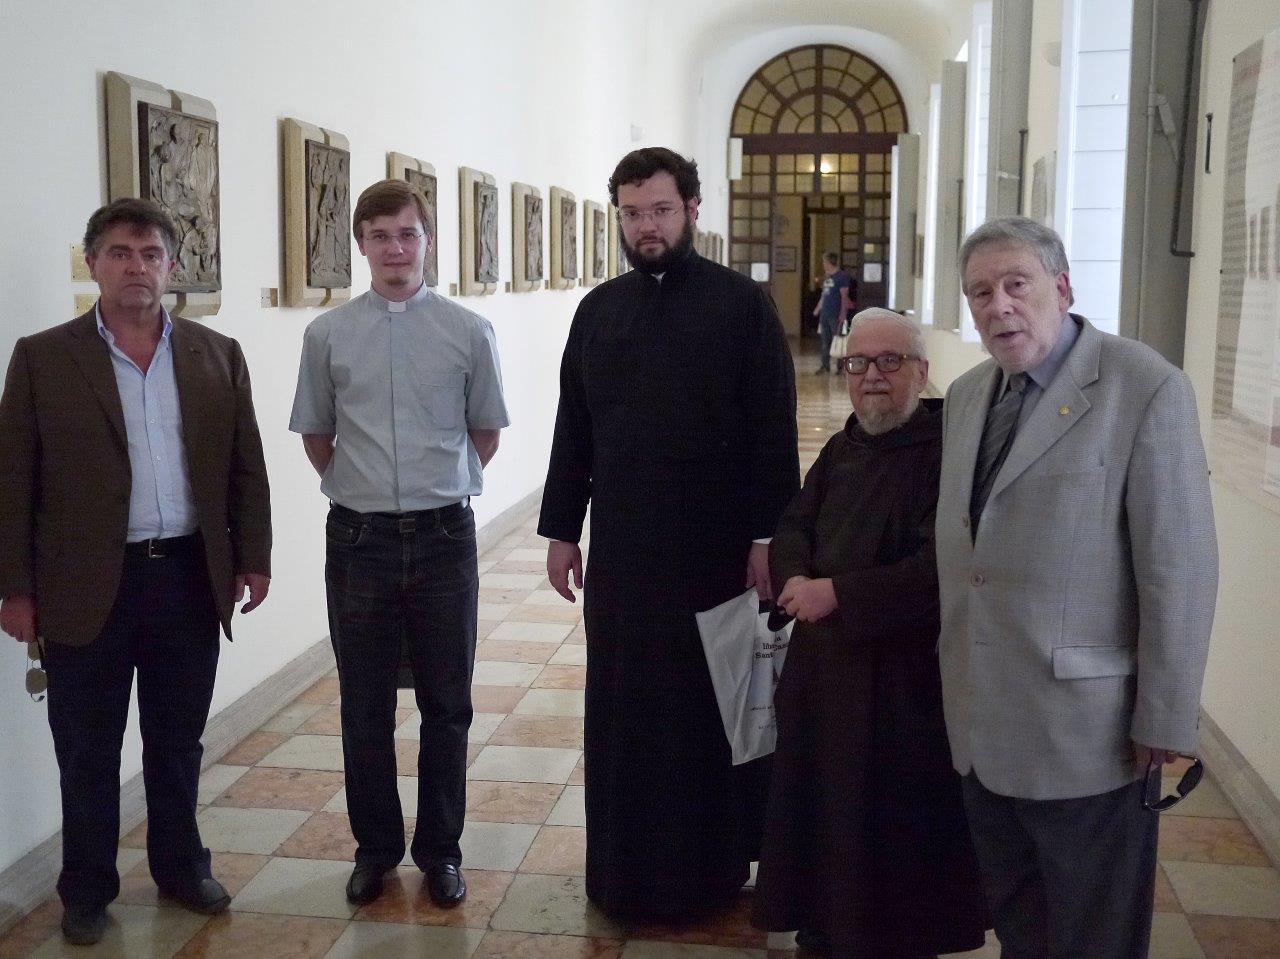 IN VISITA ALLA BASILICA DI LORETO IL RAPPRESENTANTE IN ITALIA DEL PATRIARCATO ORTODOSSO DI MOSCA